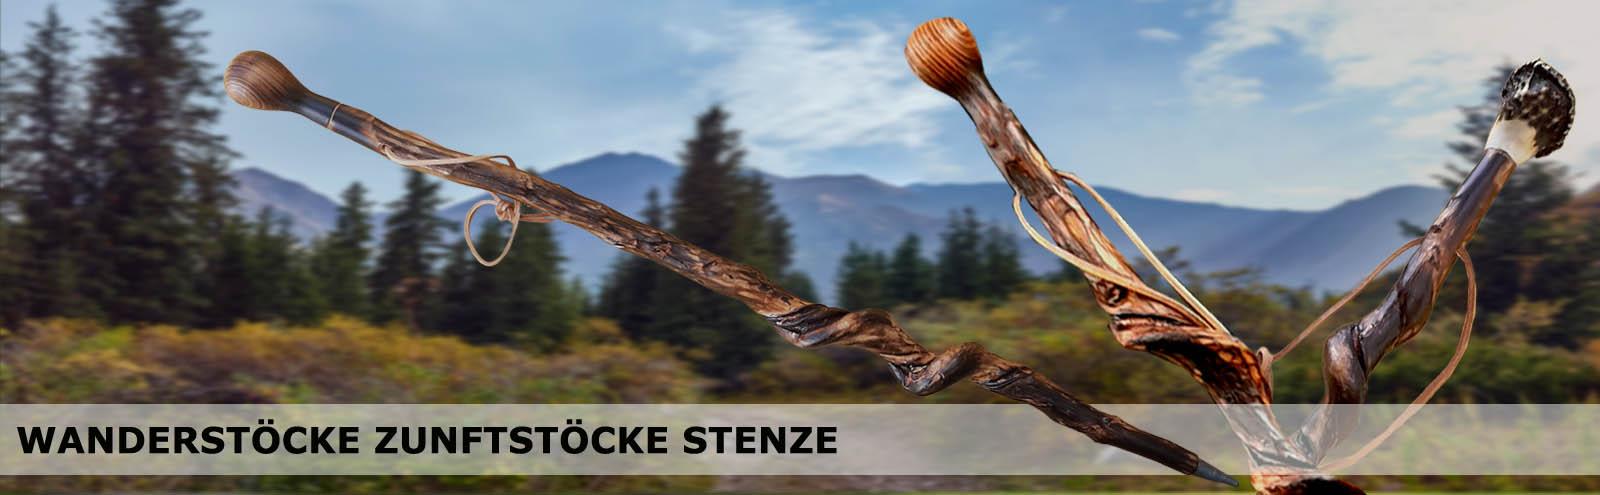 Wanderstöcke_Zunftstöcke_Stenze